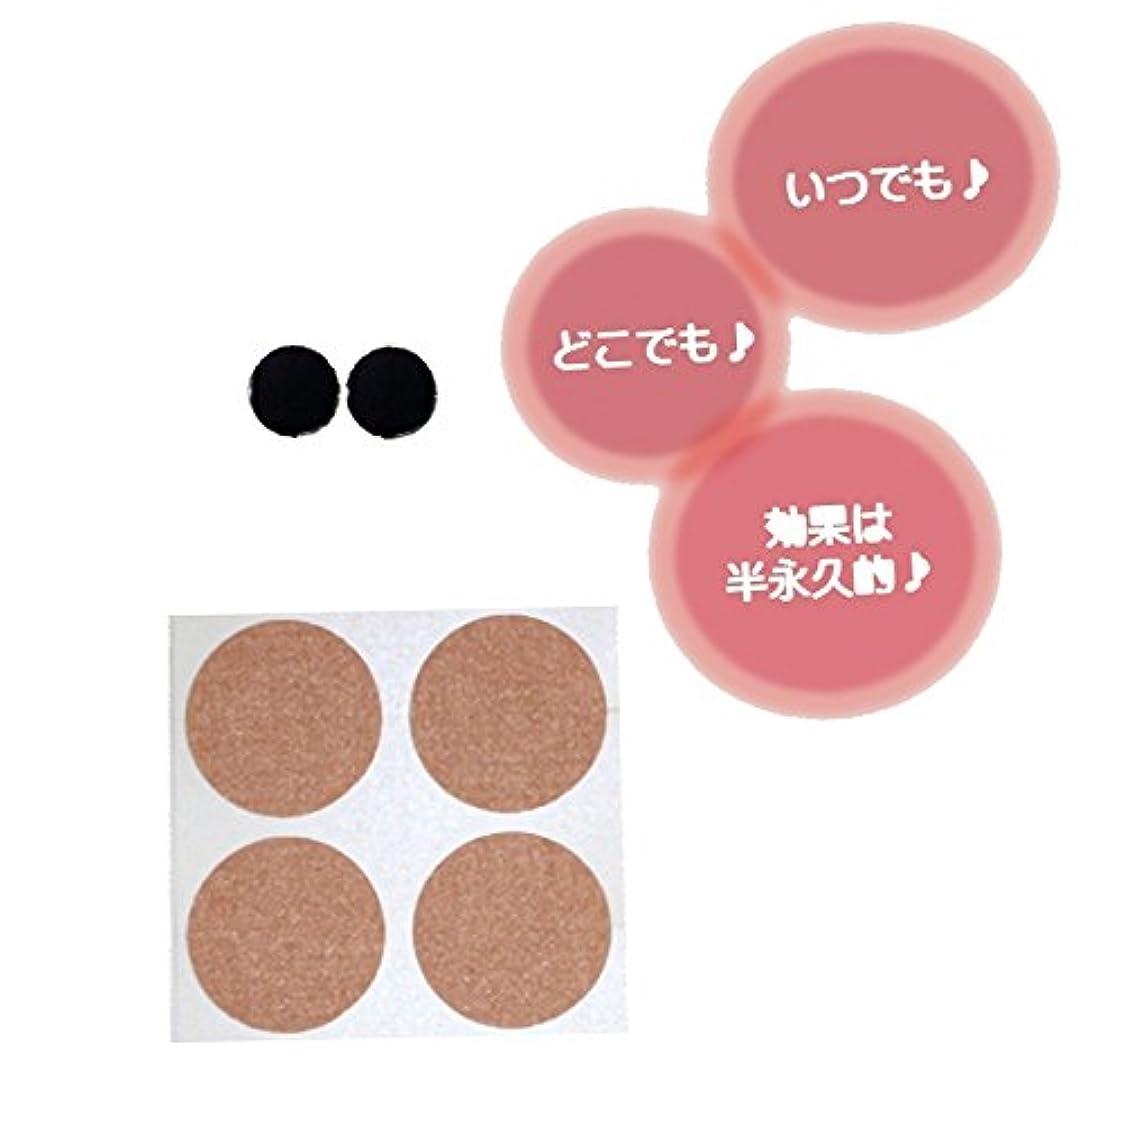 味方配列キャップTQチップ2枚 効果は半永久的!貼っただけで心身のバランスがとれるTQチップ好きな所にお貼りください